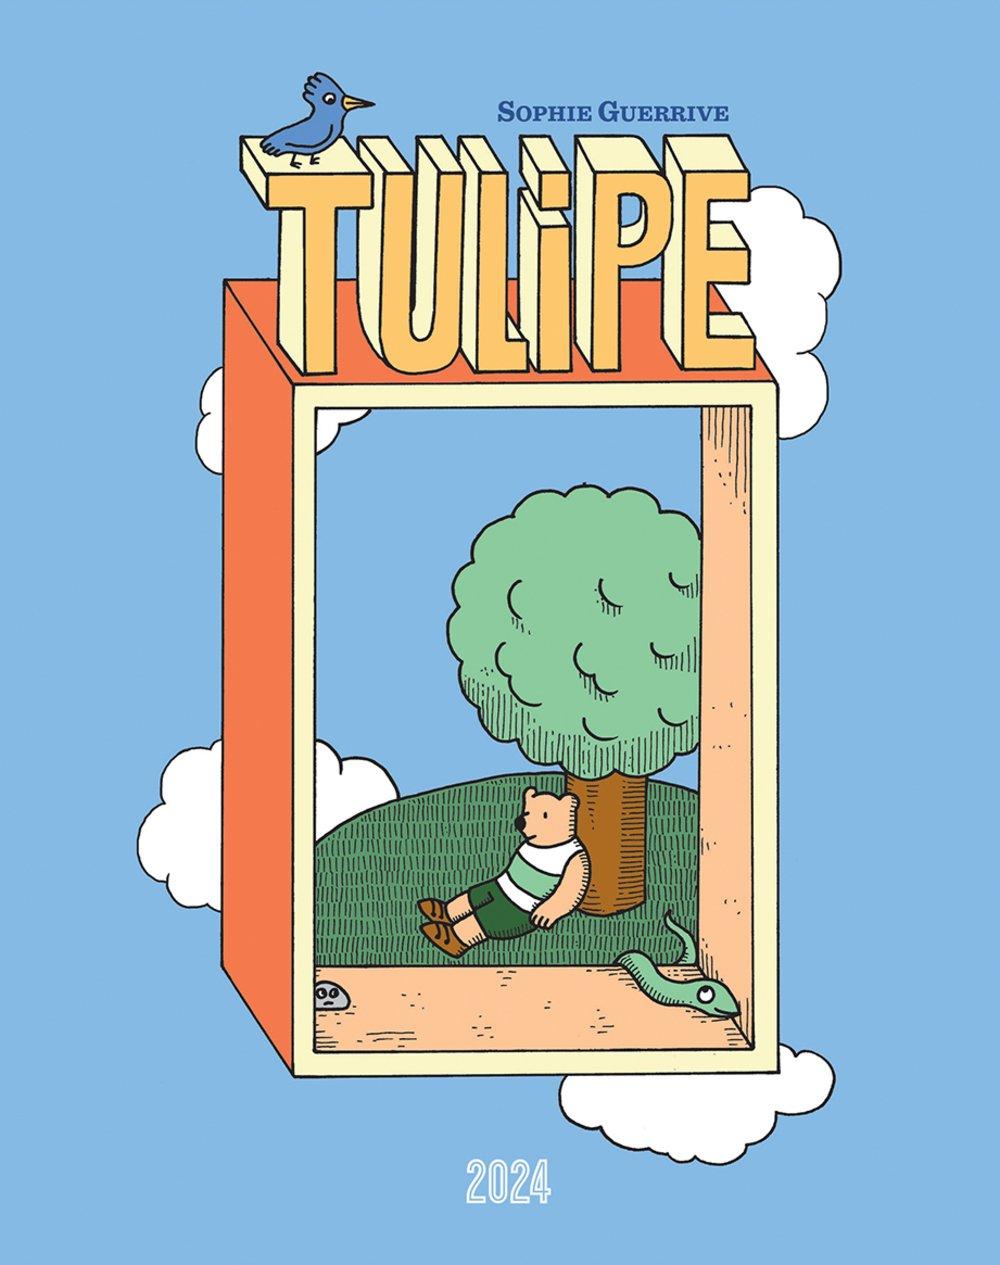 tulipe guerrive